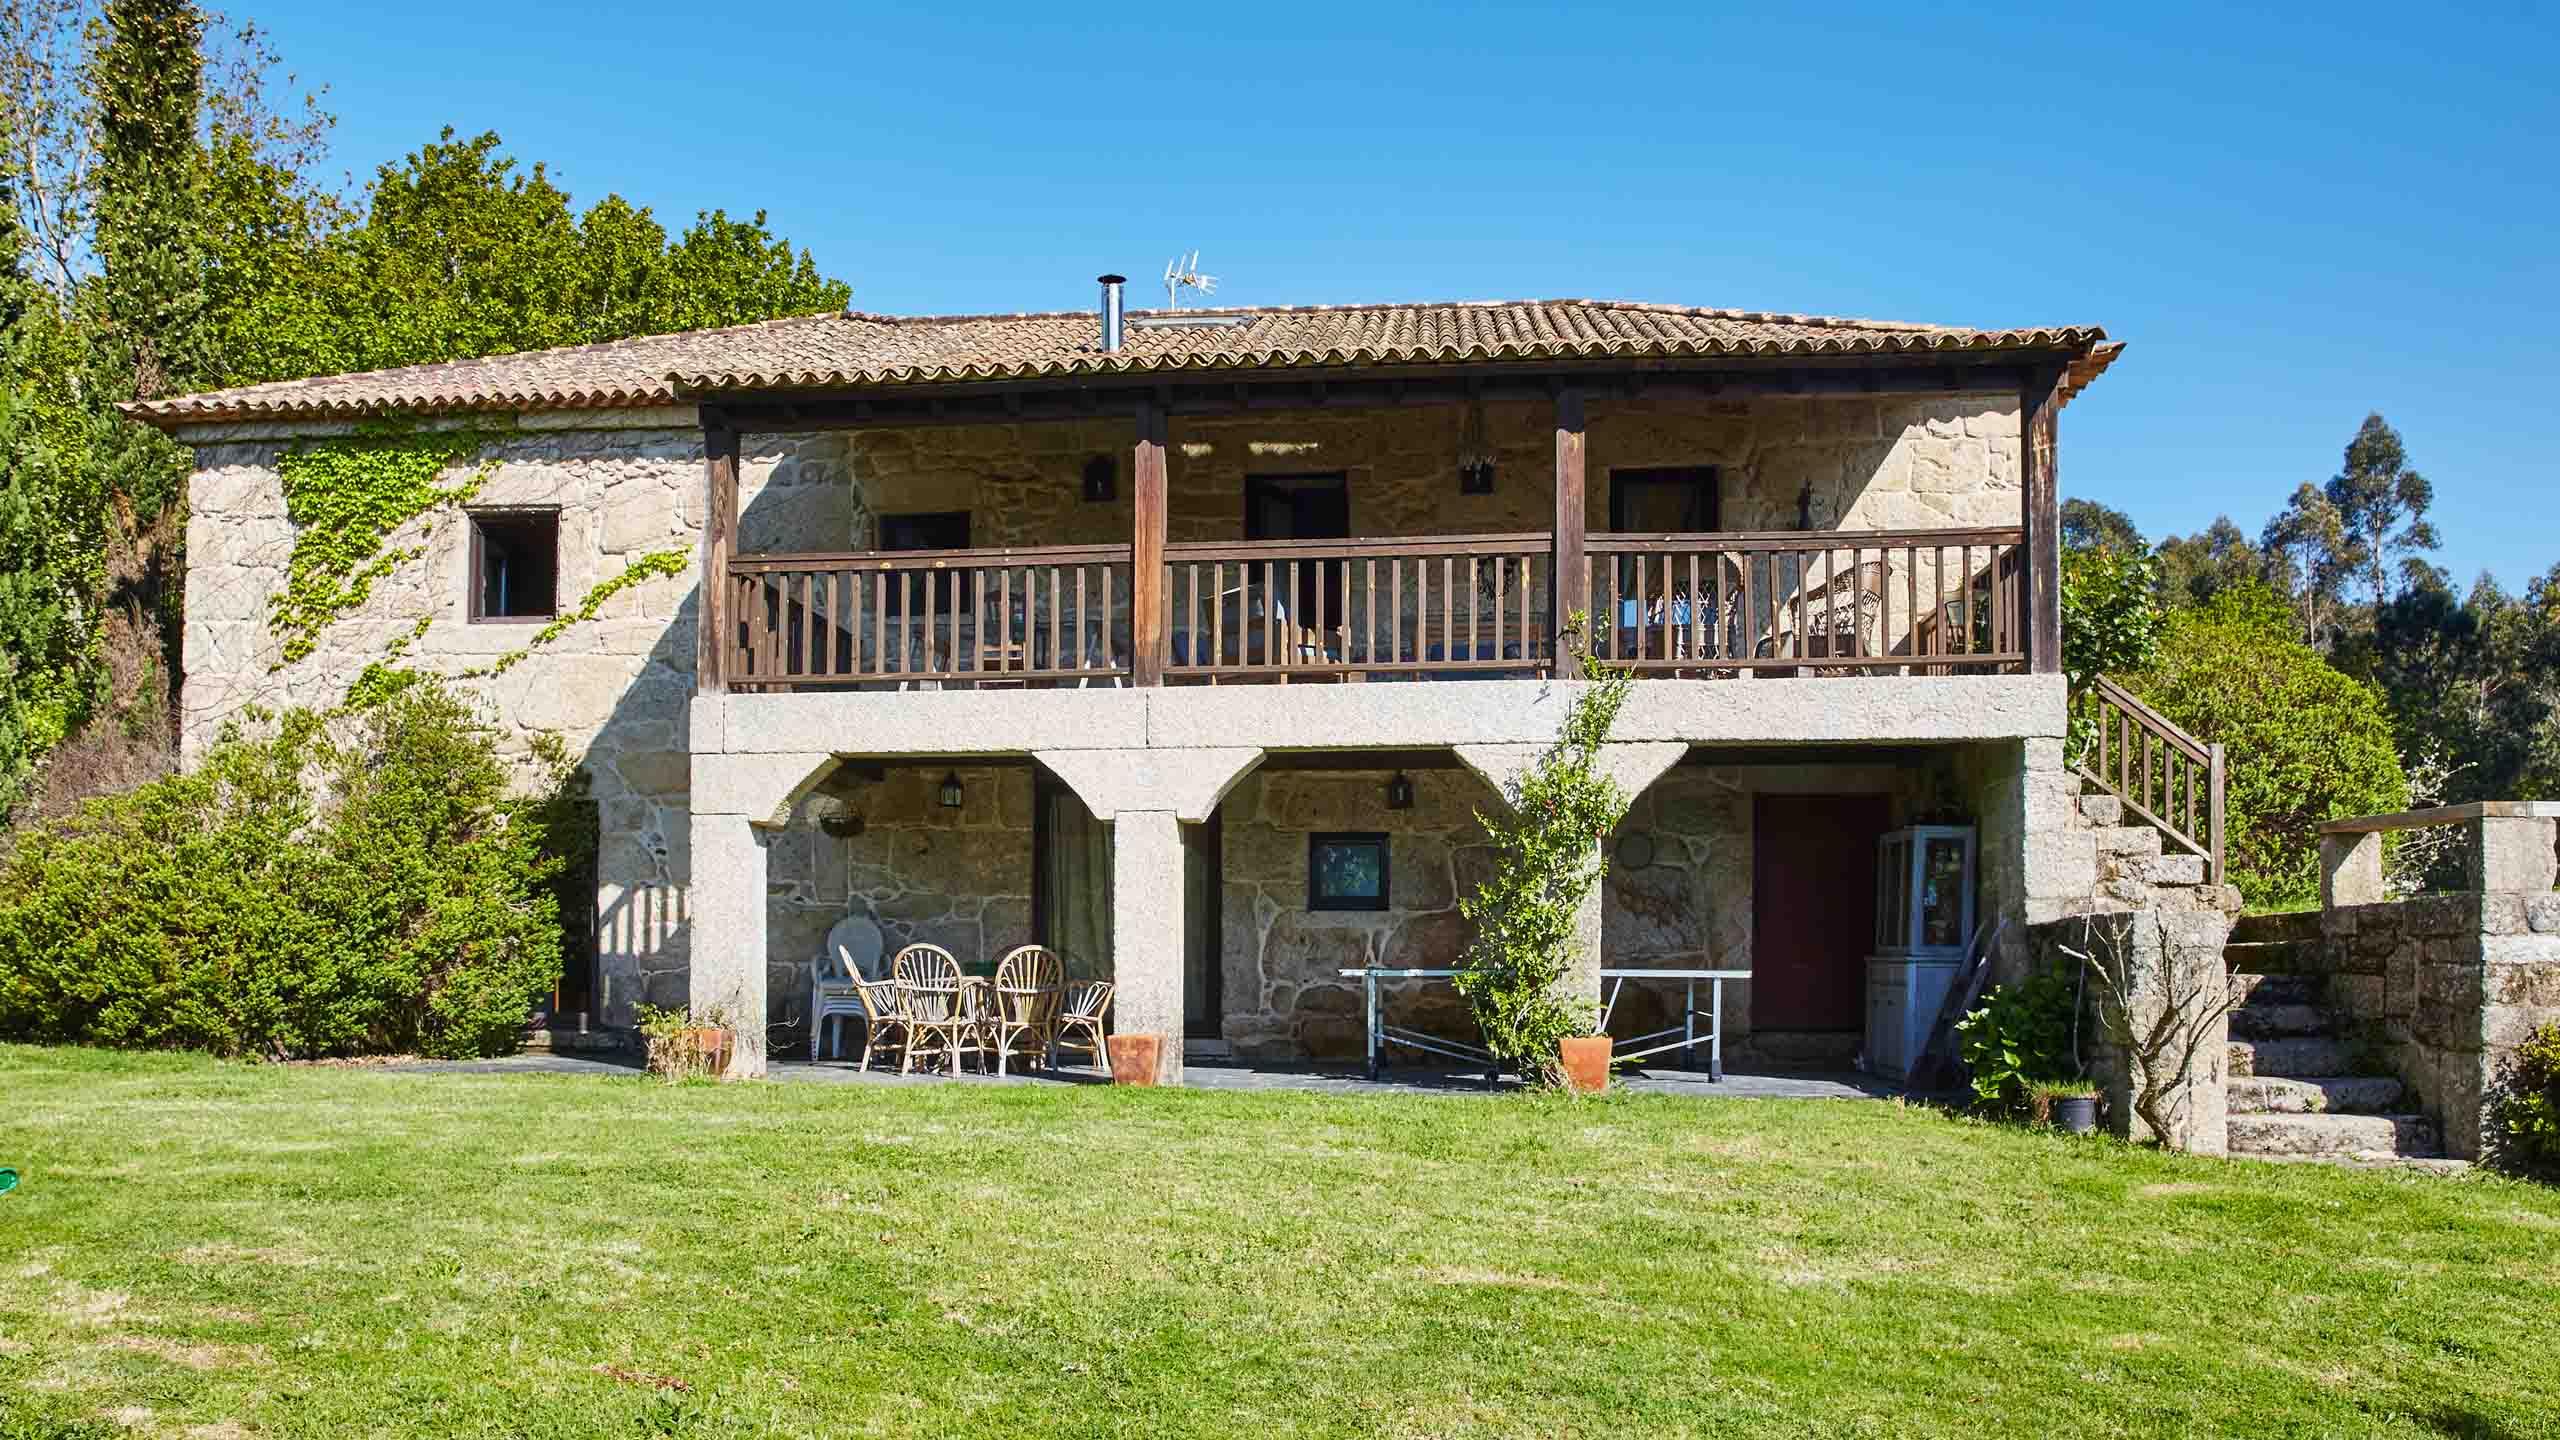 Casas gallegas de piedra gallery of casa de piedra a coruna with casas gallegas de piedra - Casas de piedra galicia ...